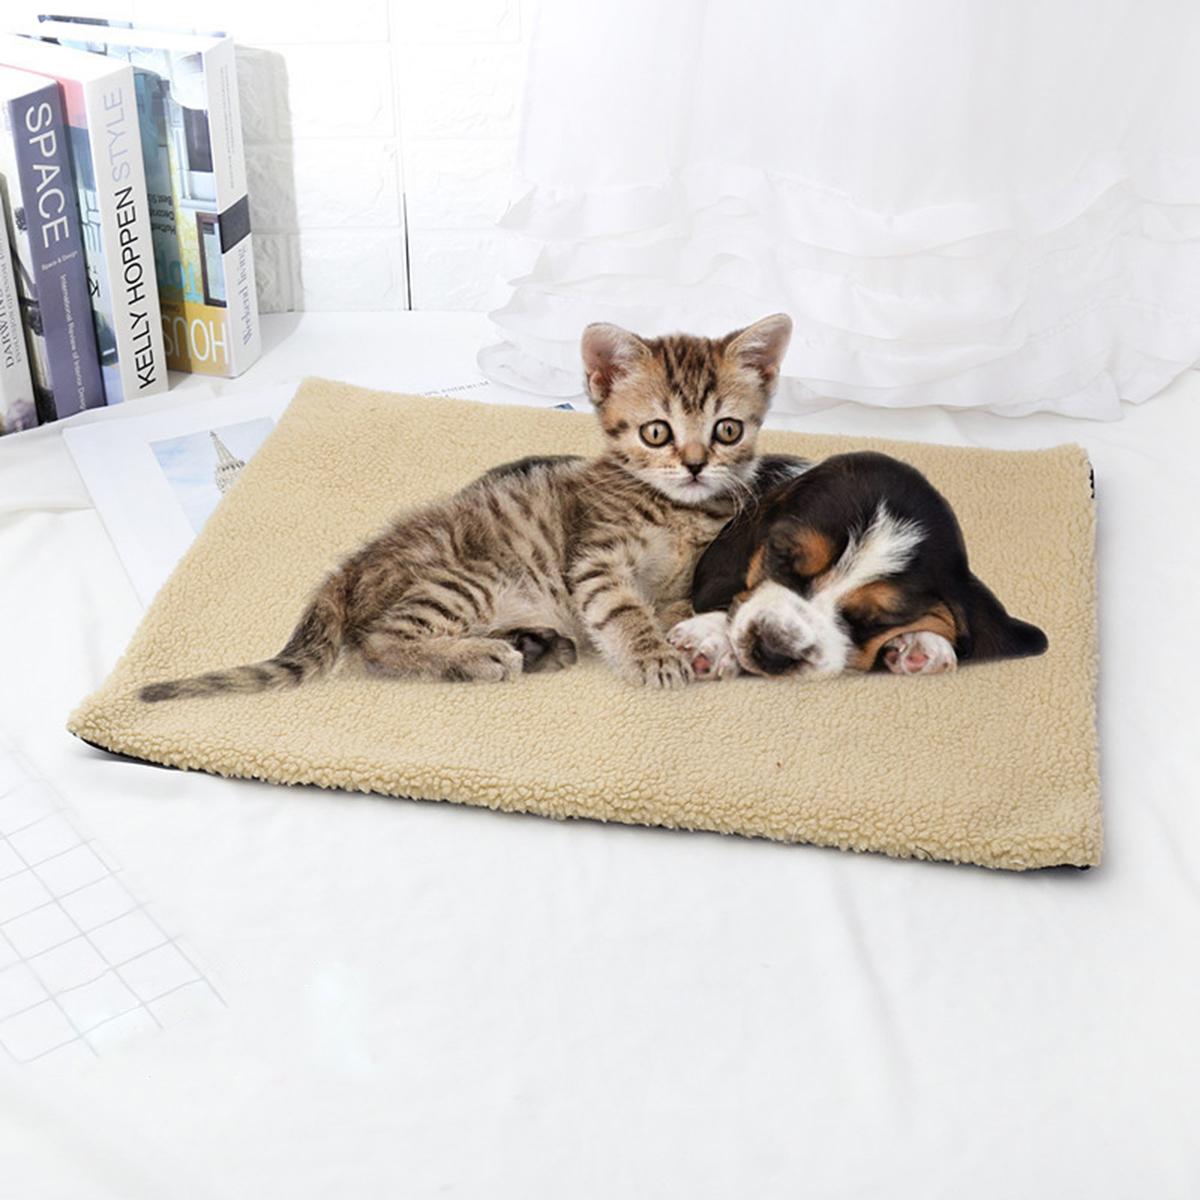 Одеяло теплое флисовое Pet Мат Одеяло с подогревом Собака Кот Подушка